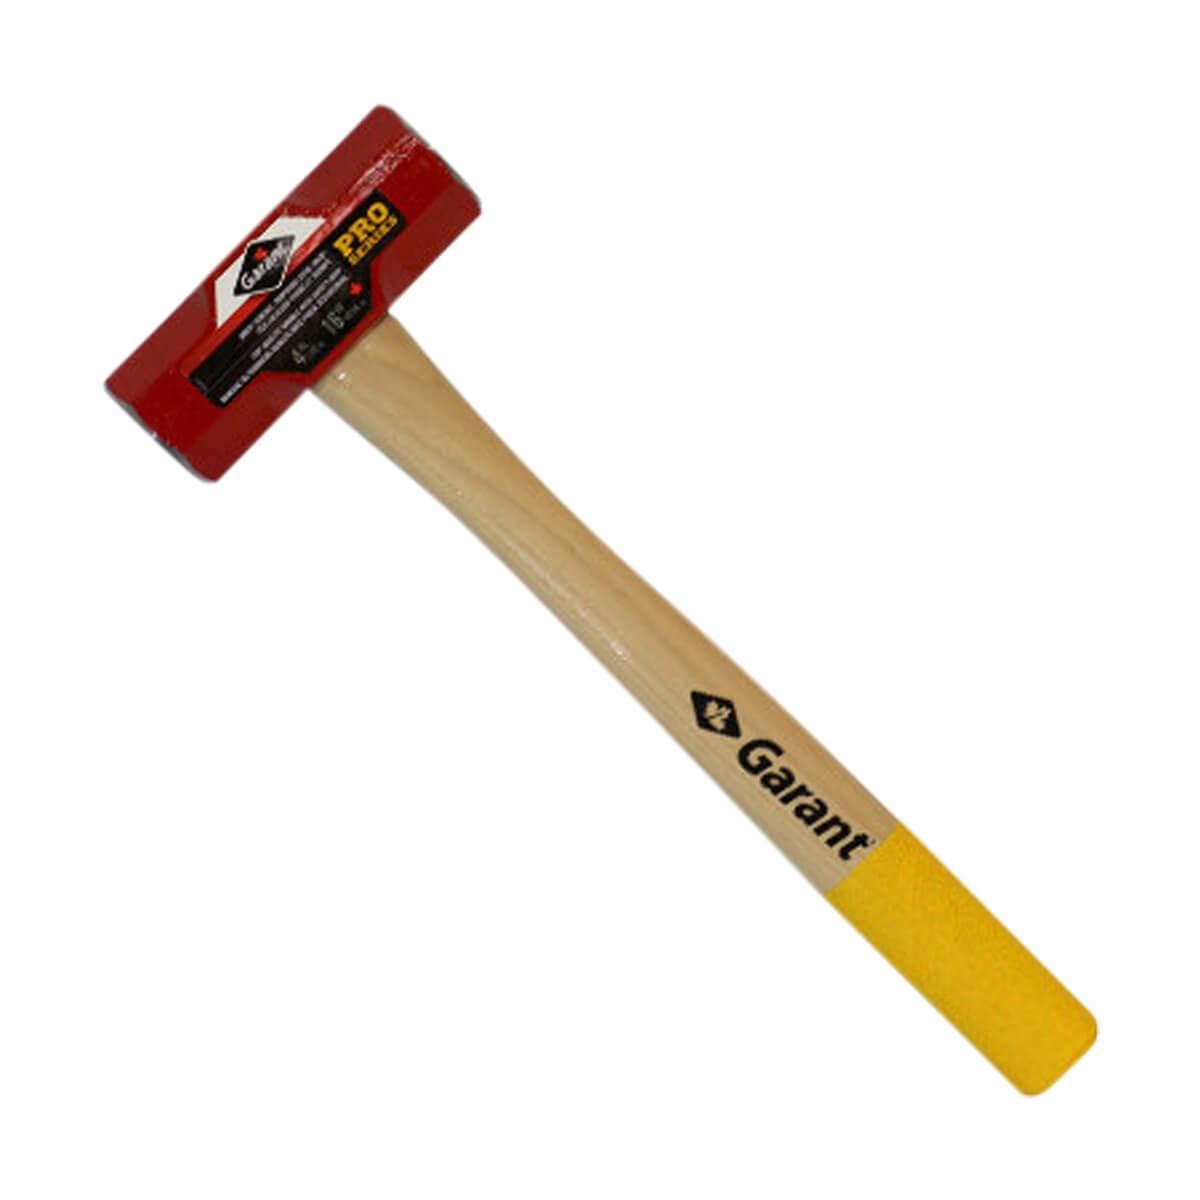 Garant Double Face Sledge Hammer 4 lbs